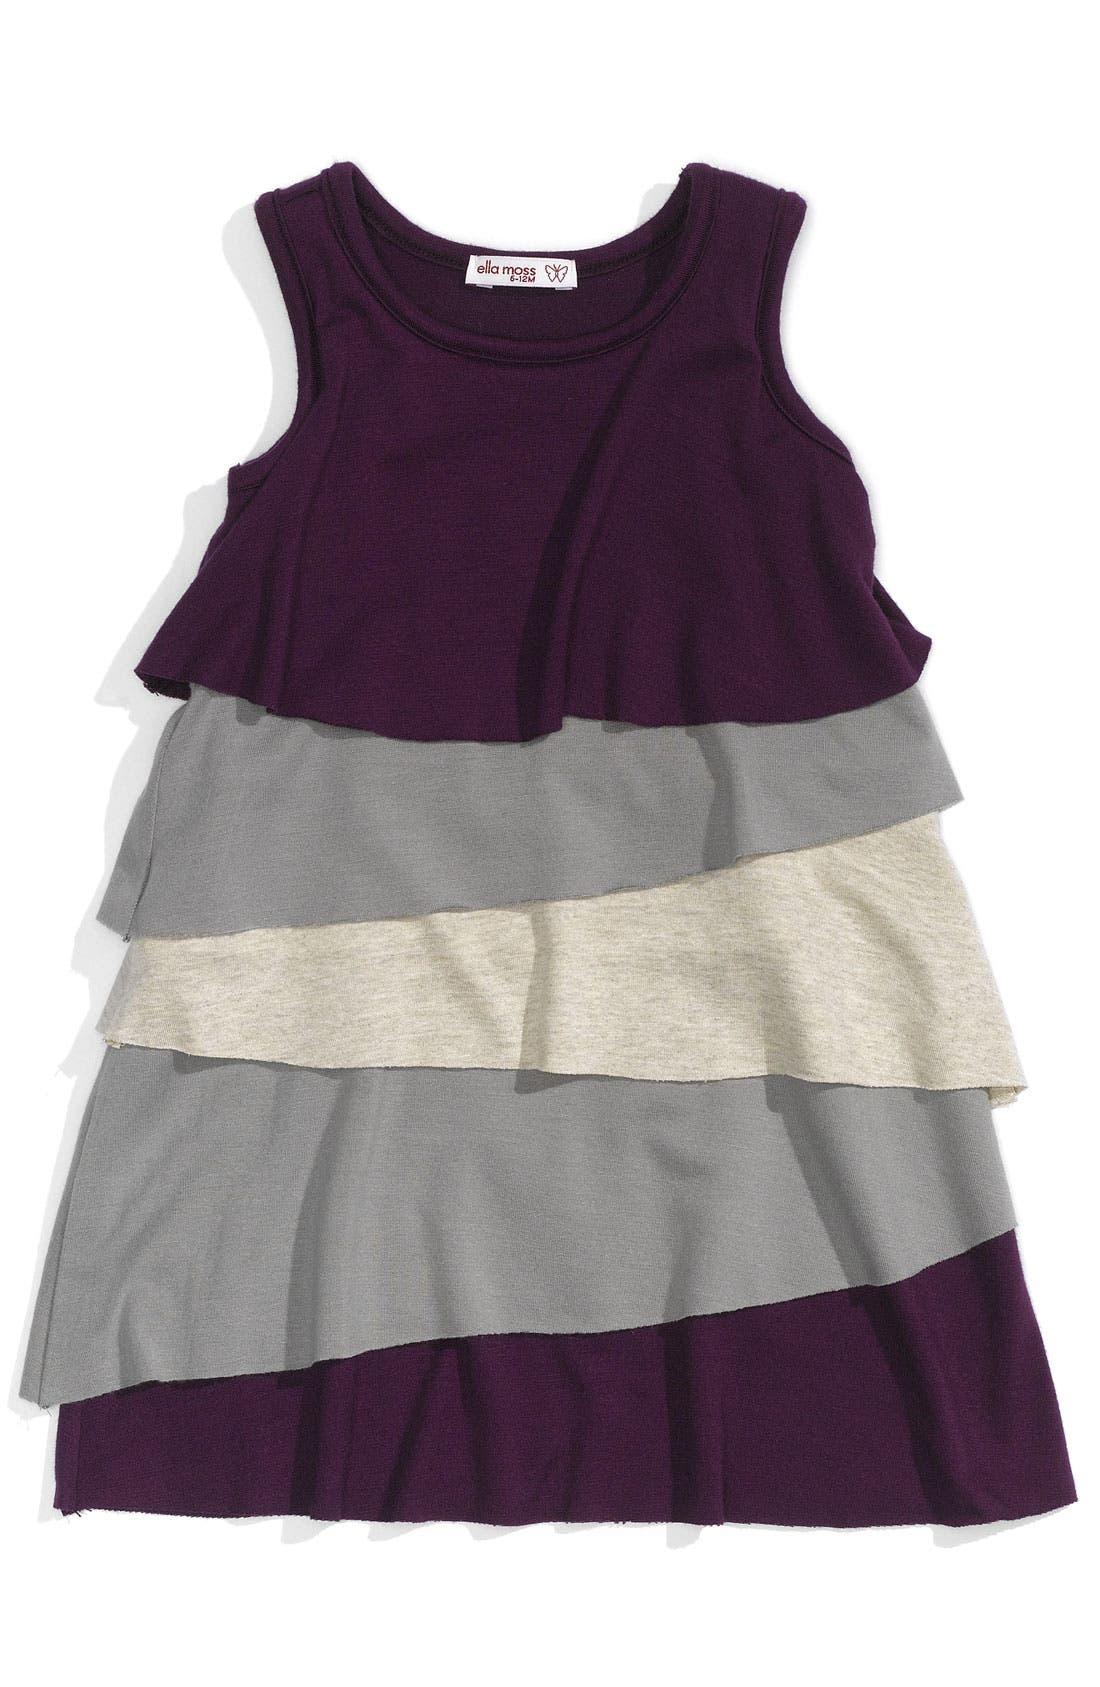 Alternate Image 1 Selected - Little Ella 'Daphne' Dress (Toddler)